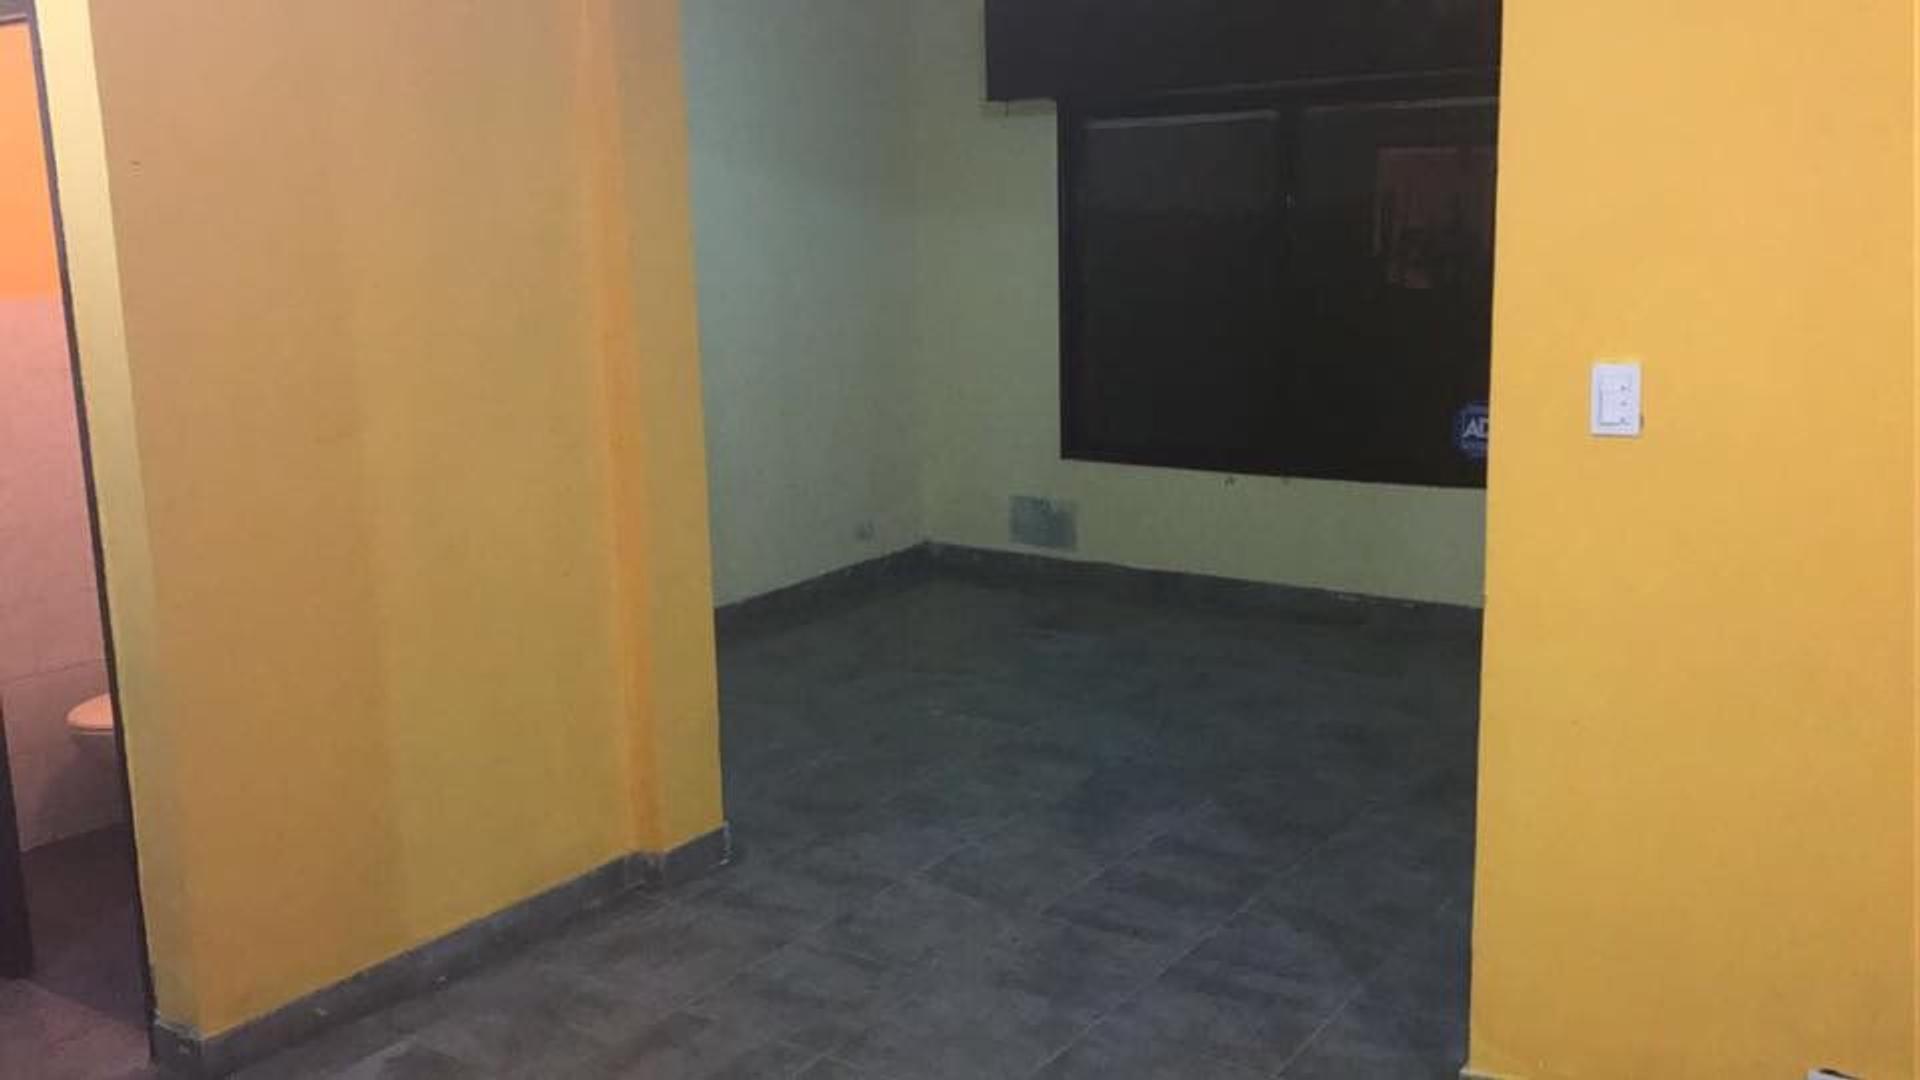 club social y dep. bartolome mitre 2300 - 4 ambientes con cochera